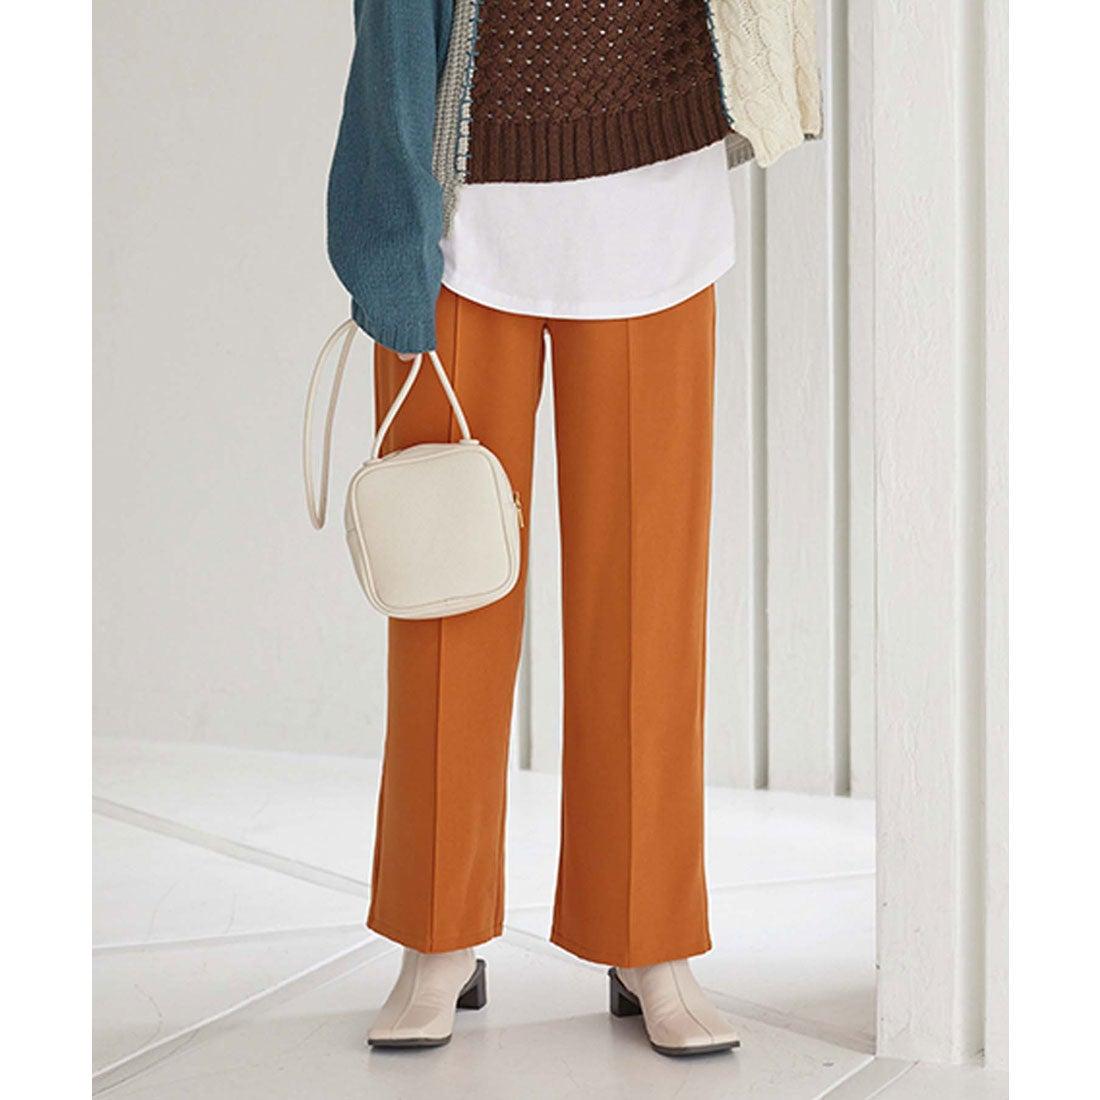 コウベレタス KOBE LETTUCE [ 裾上げテープ付 ]セルフ裾直しワイドパンツ [M3474] (オレンジブラウン)